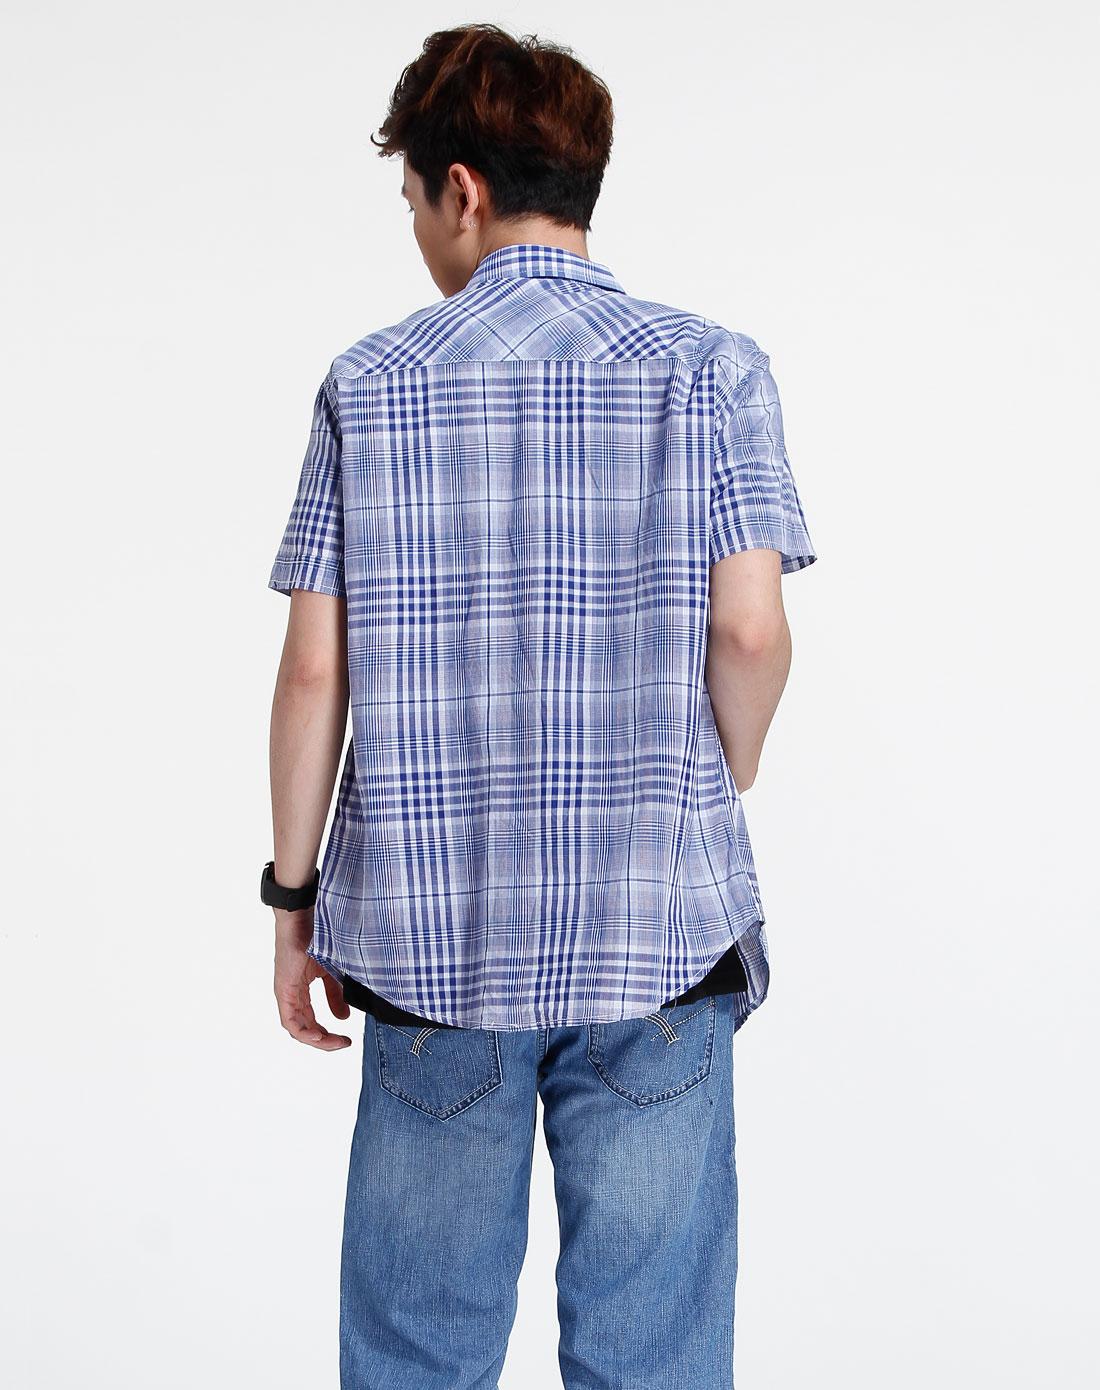 森马-男装-蓝色格子短袖休闲衬衫图片